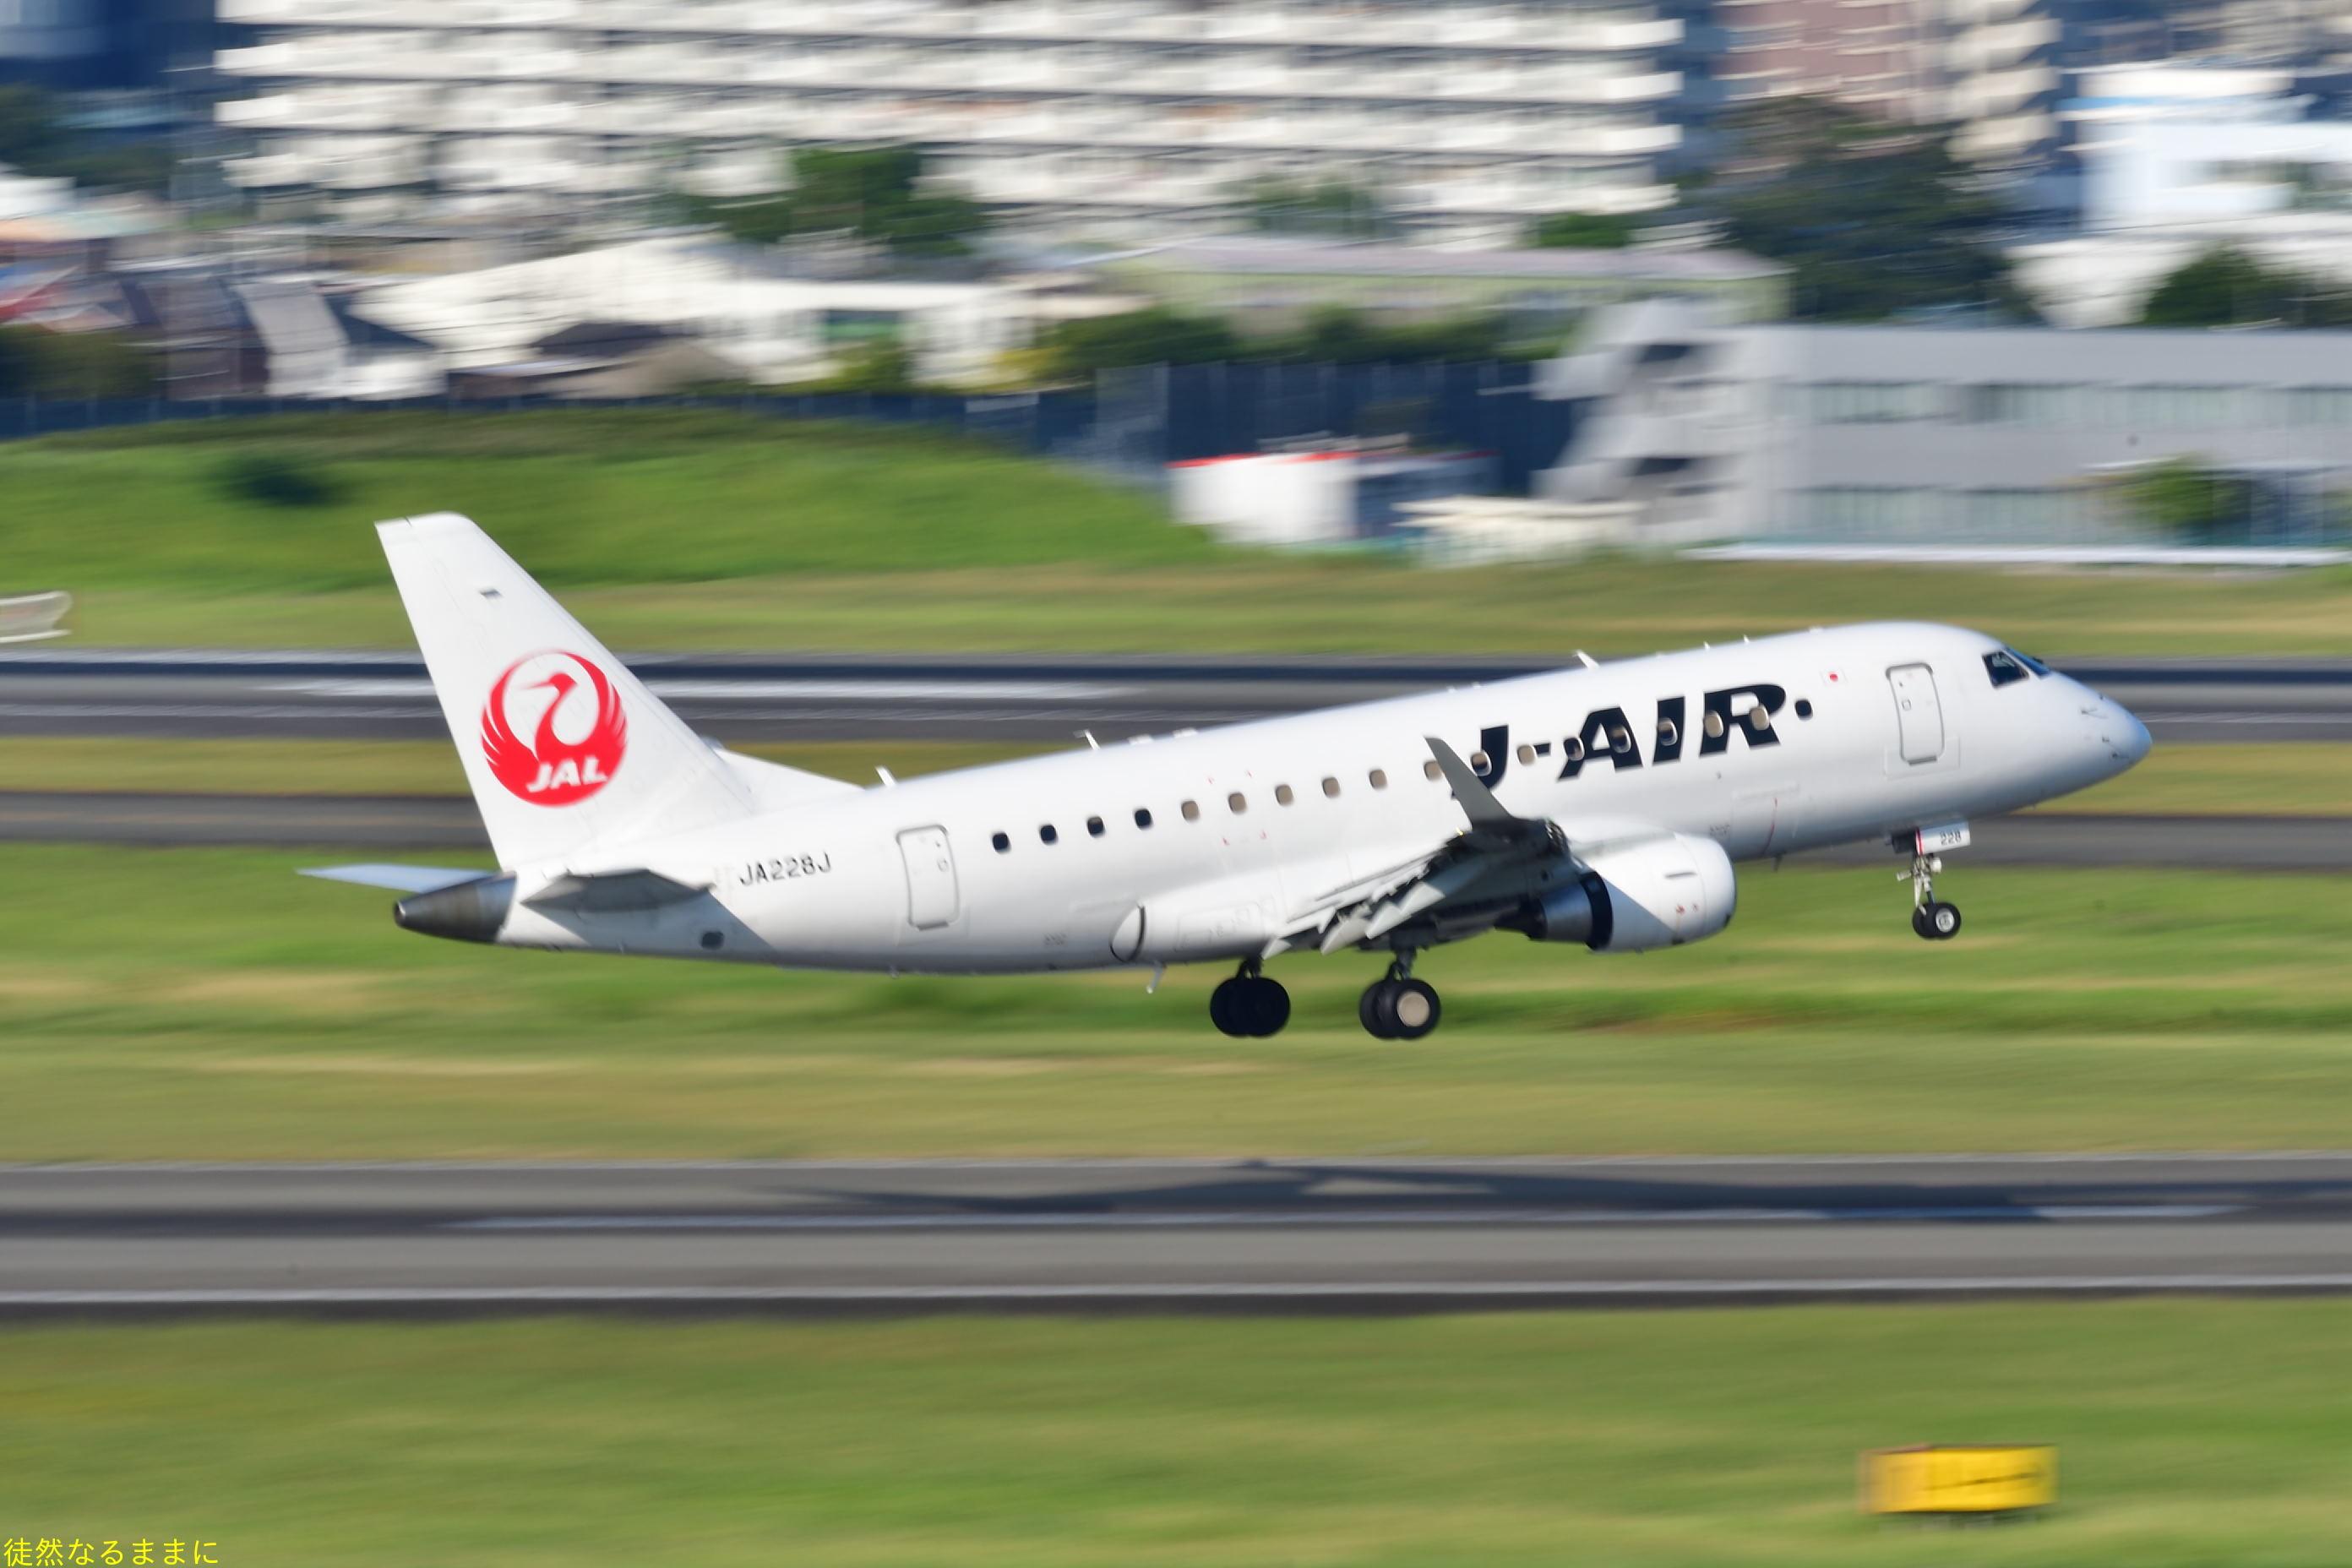 伊丹空港_d0285540_06415028.jpg